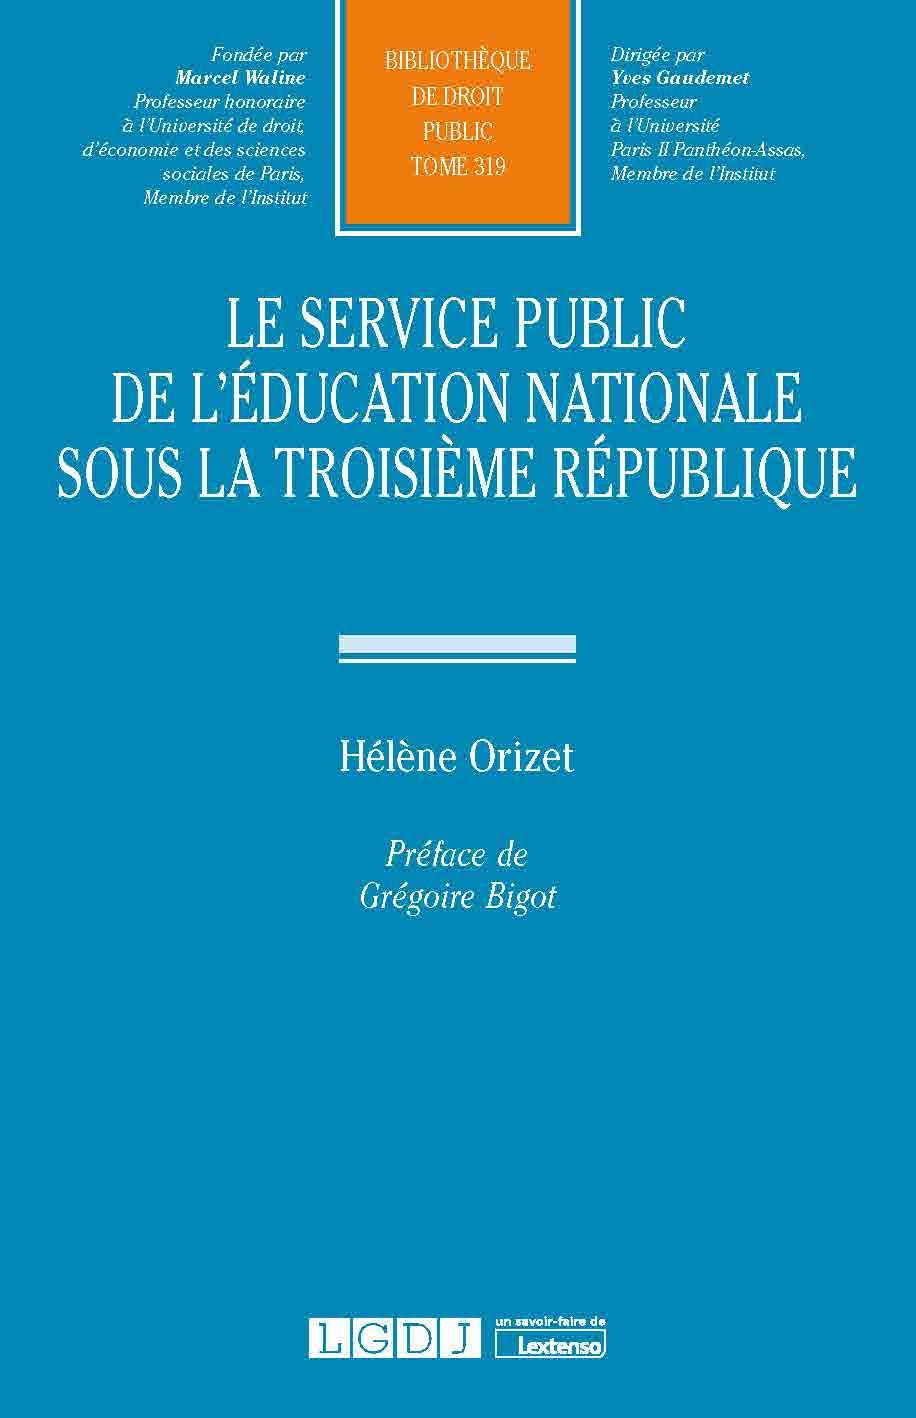 Le service public de l'éducation nationale sous la troisième République